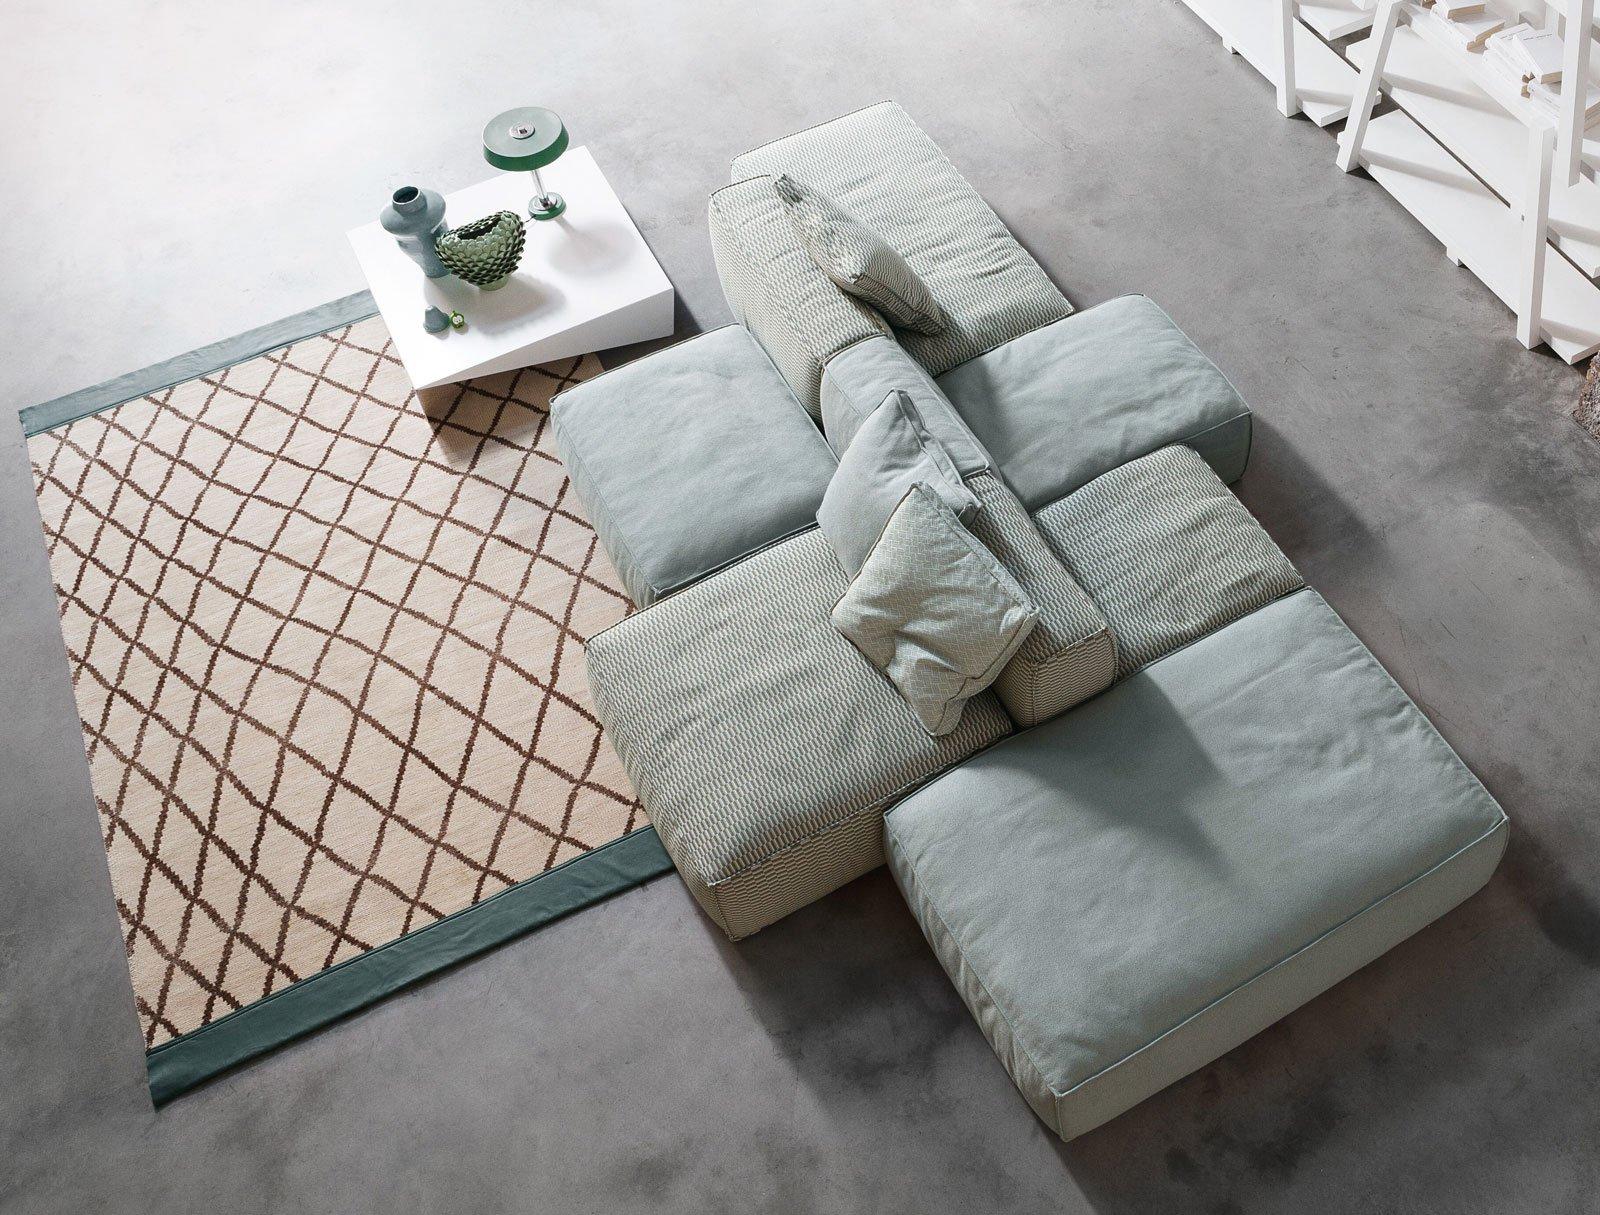 Divano fisso o divano componibile cose di casa for Divano componibile